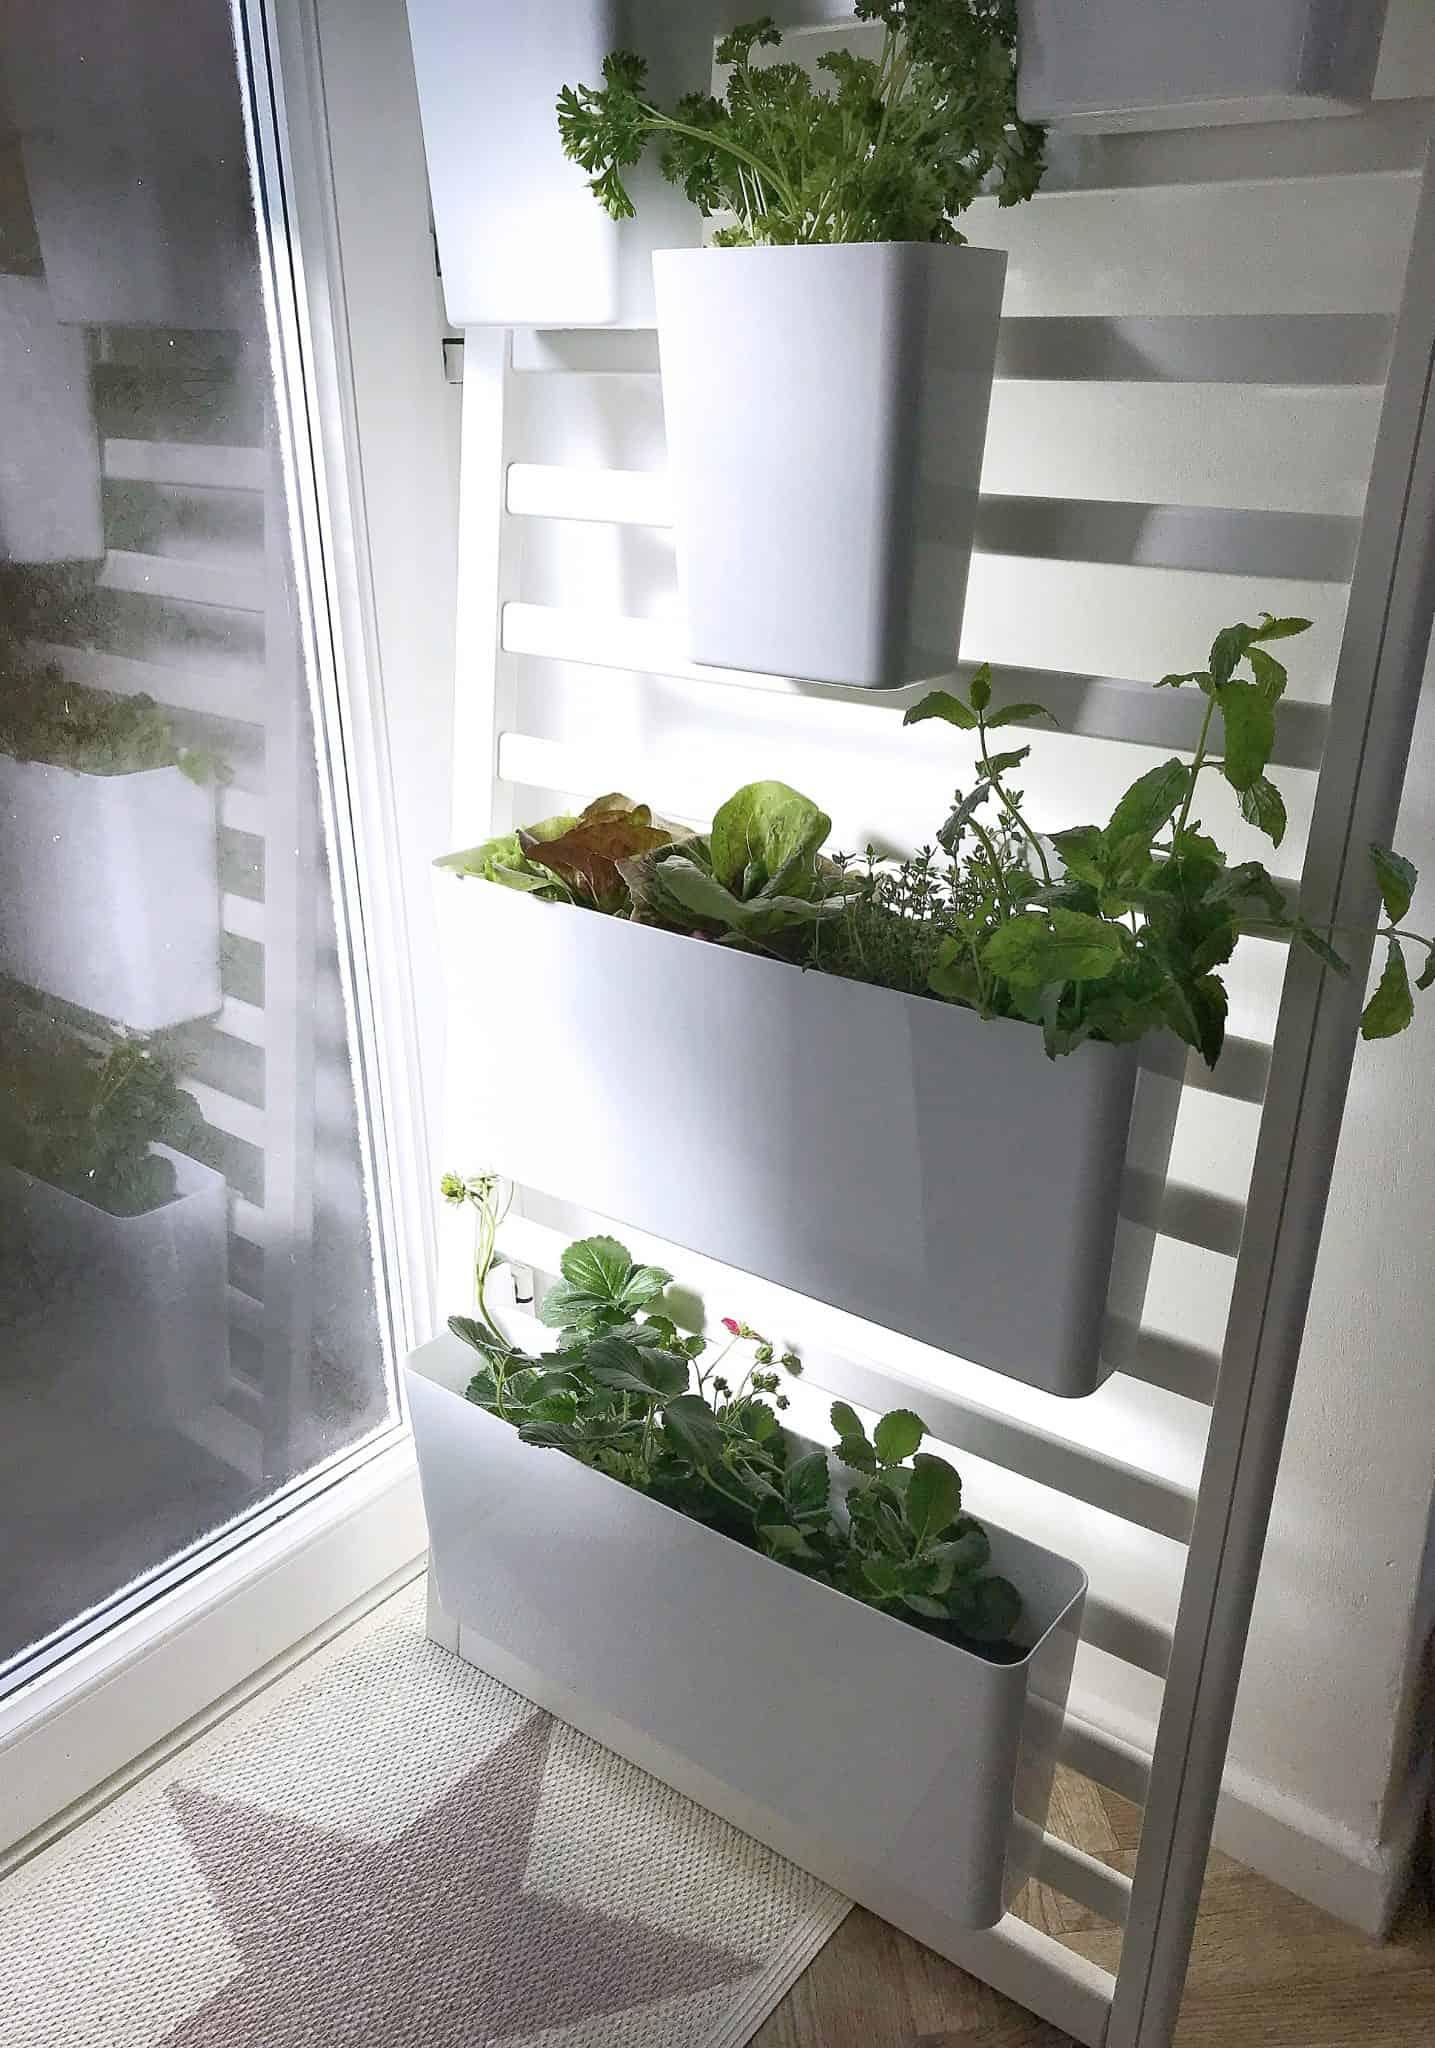 How to make an indoor salad garden